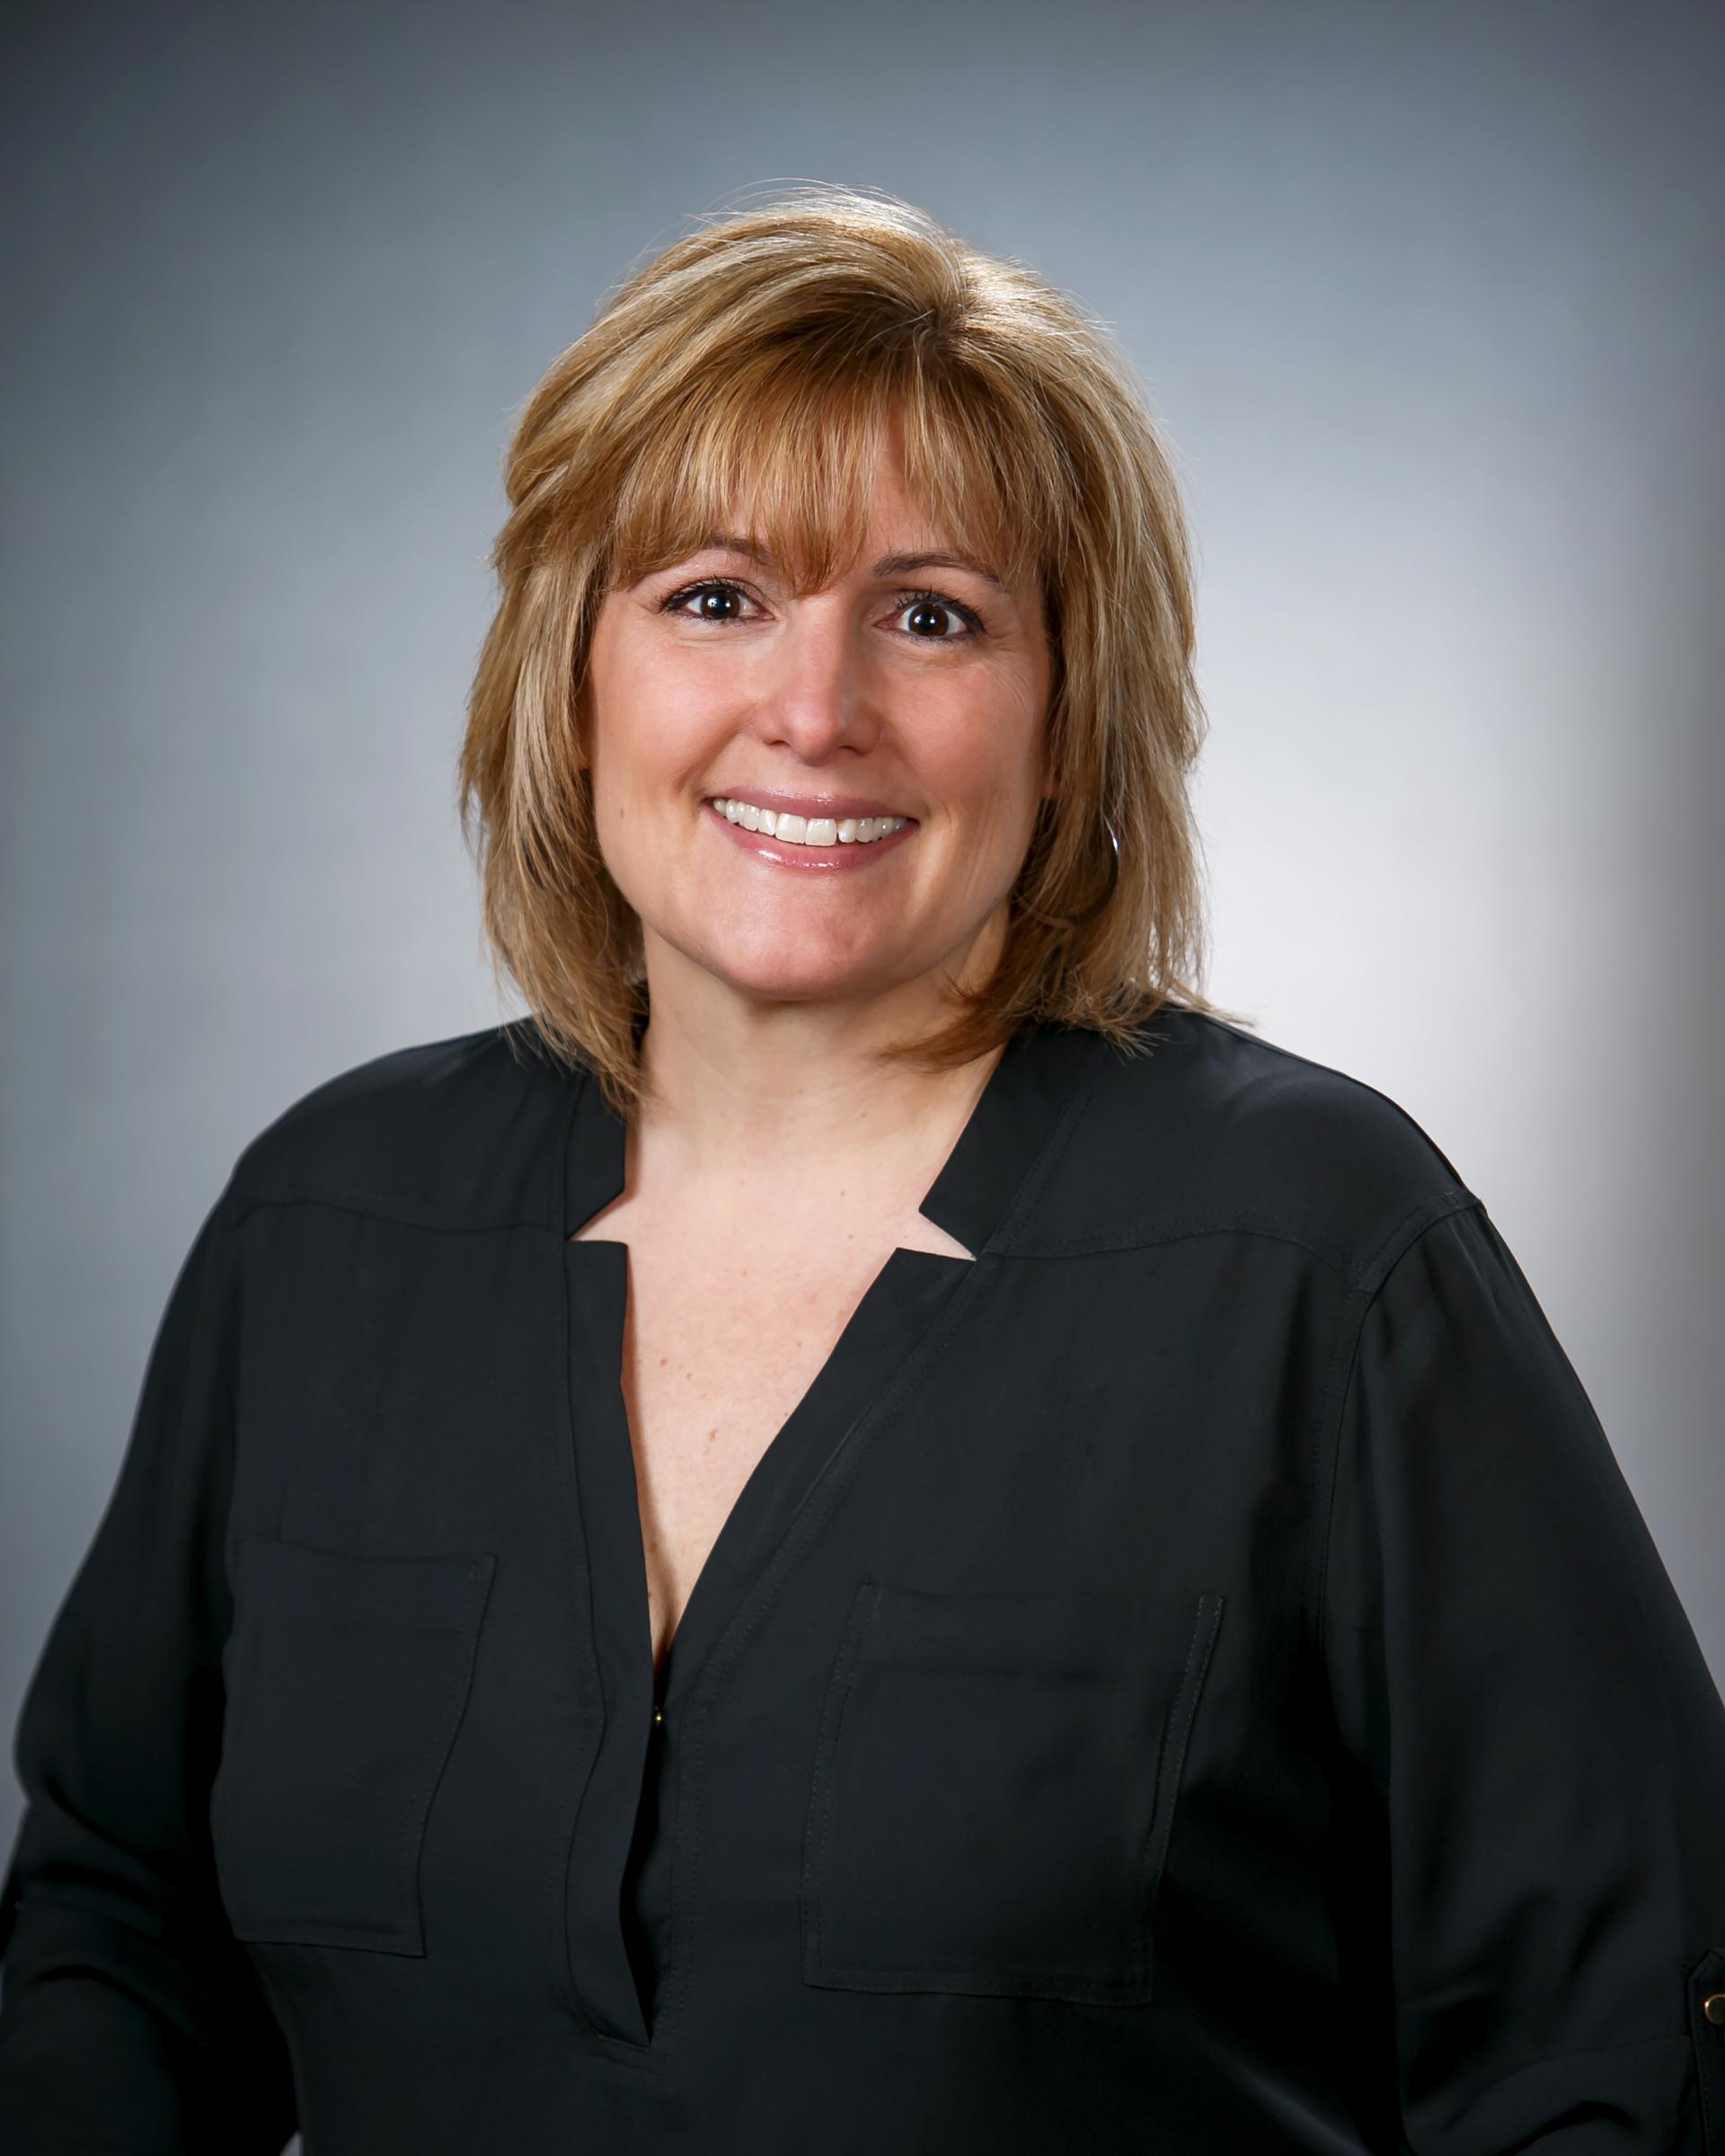 Debra M. Kane